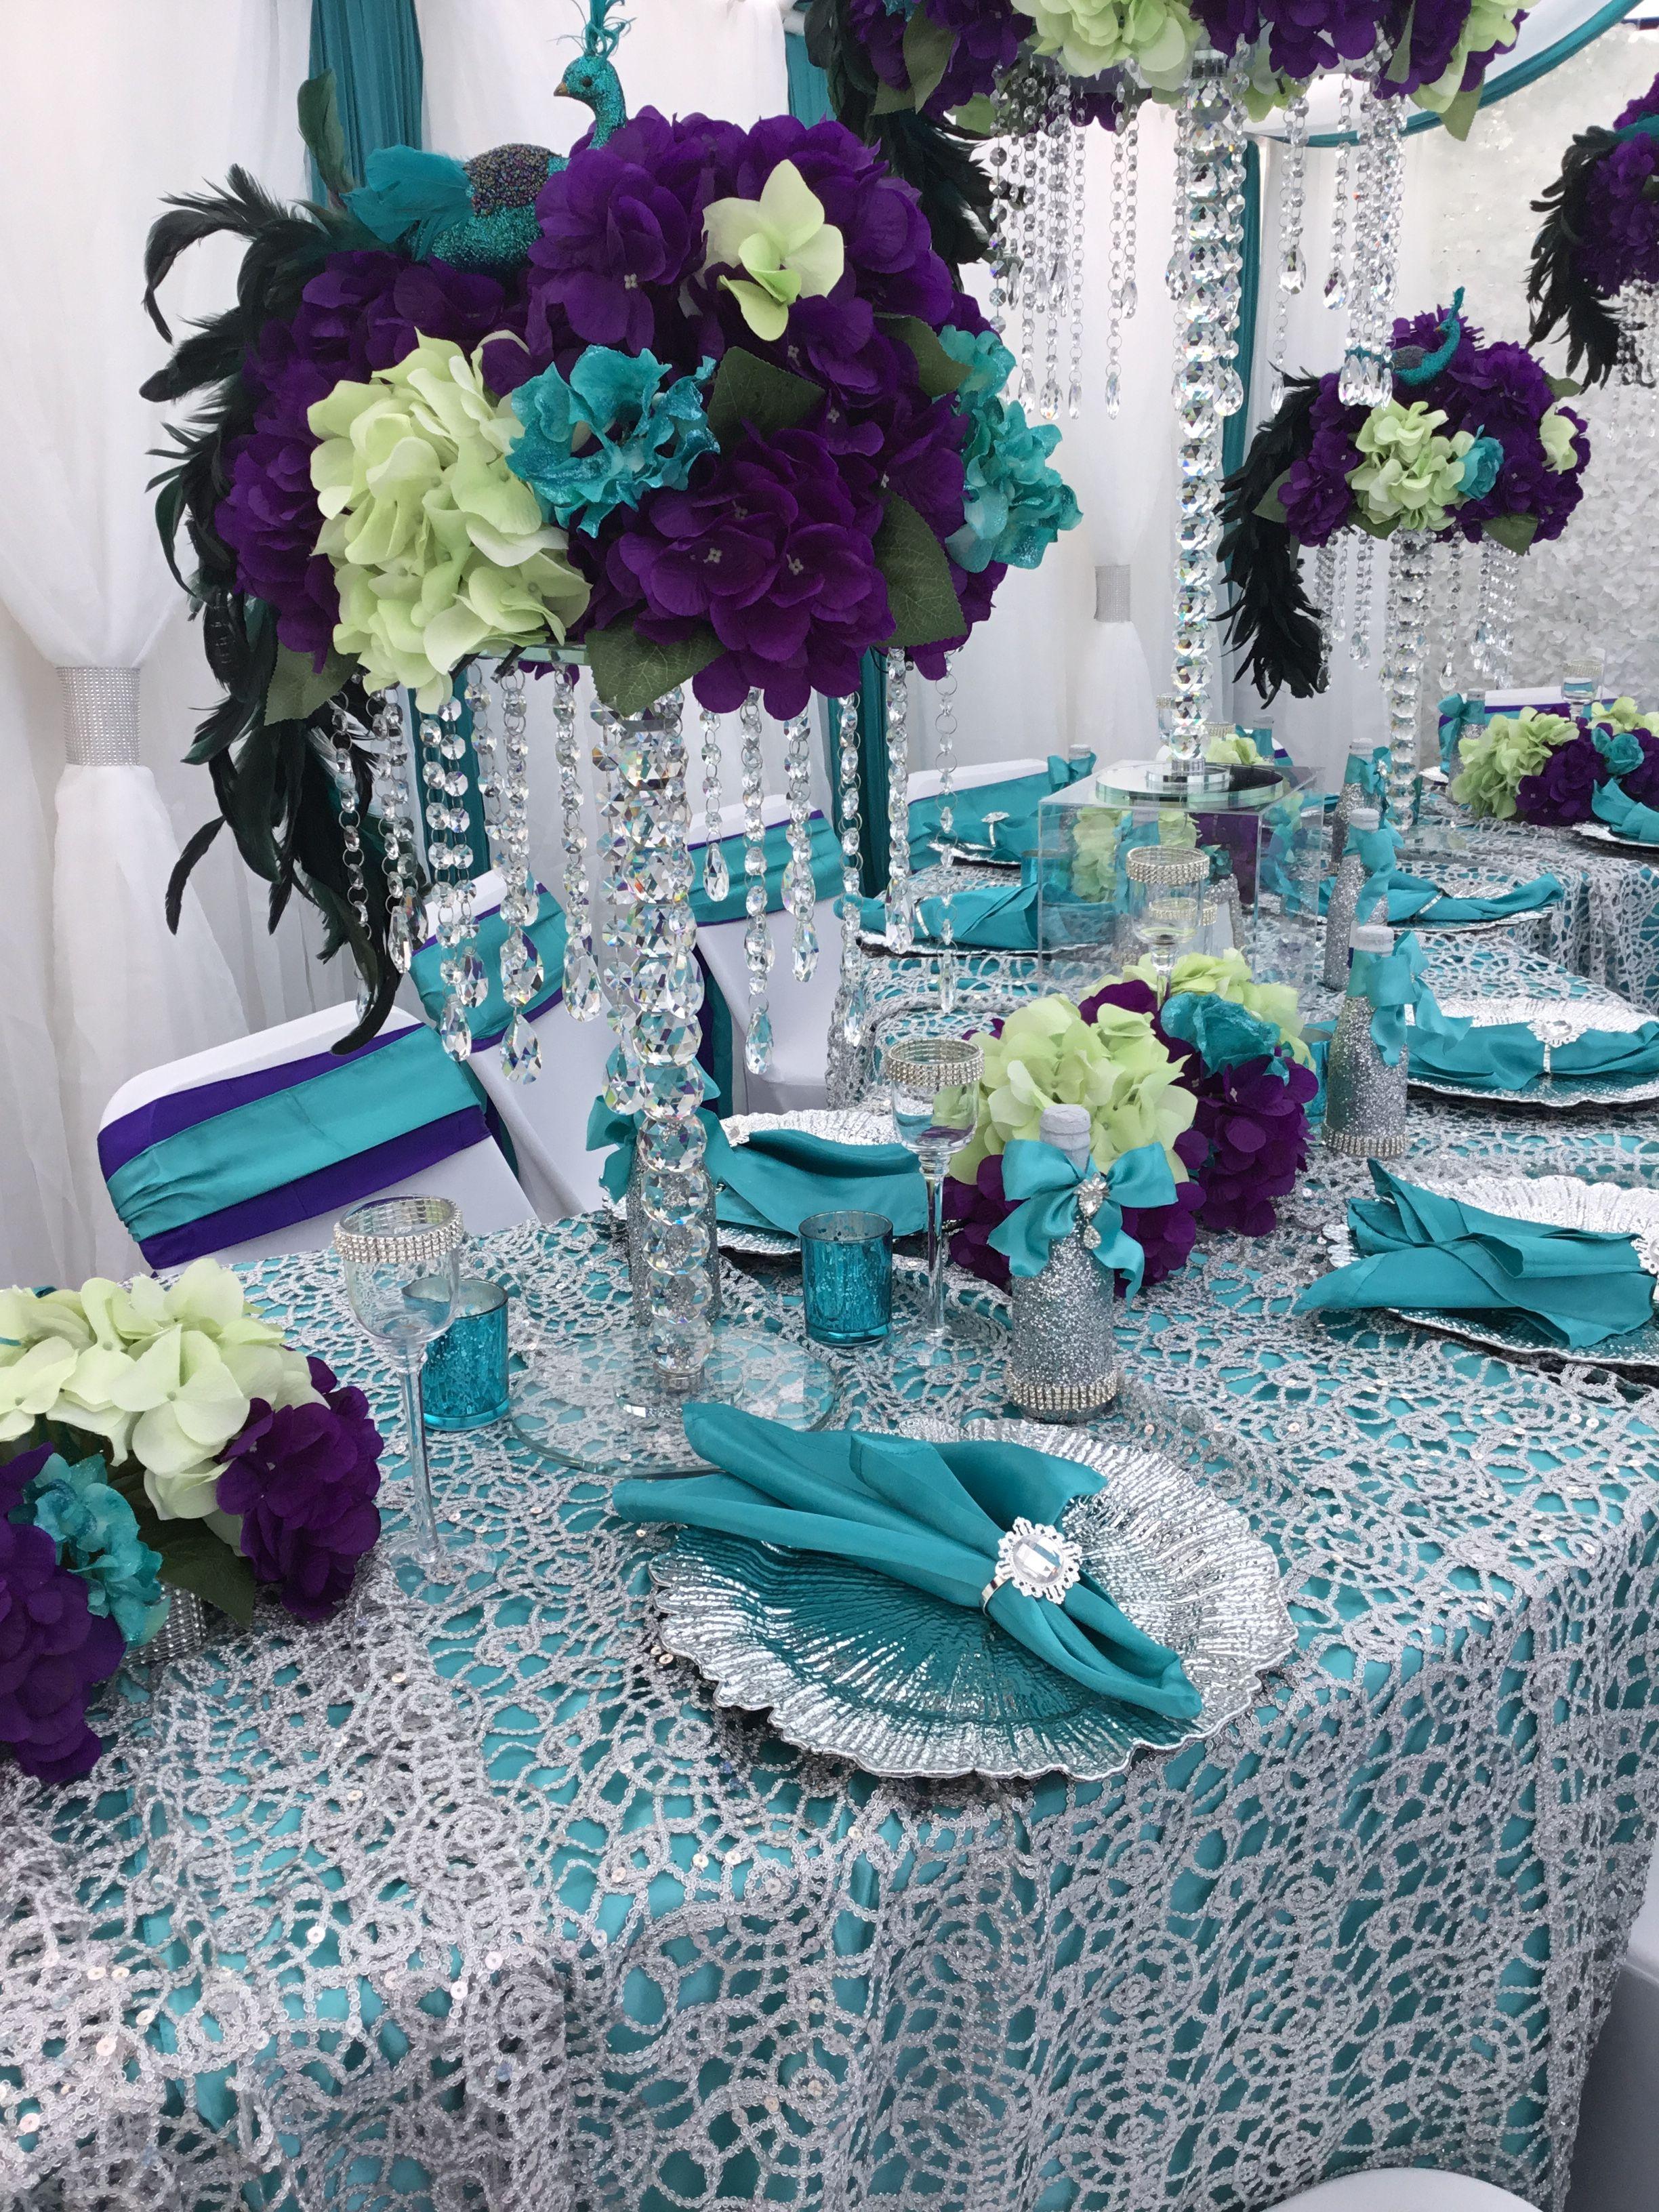 Peacock Theme Centerpieces Peacock Wedding Theme Peacock